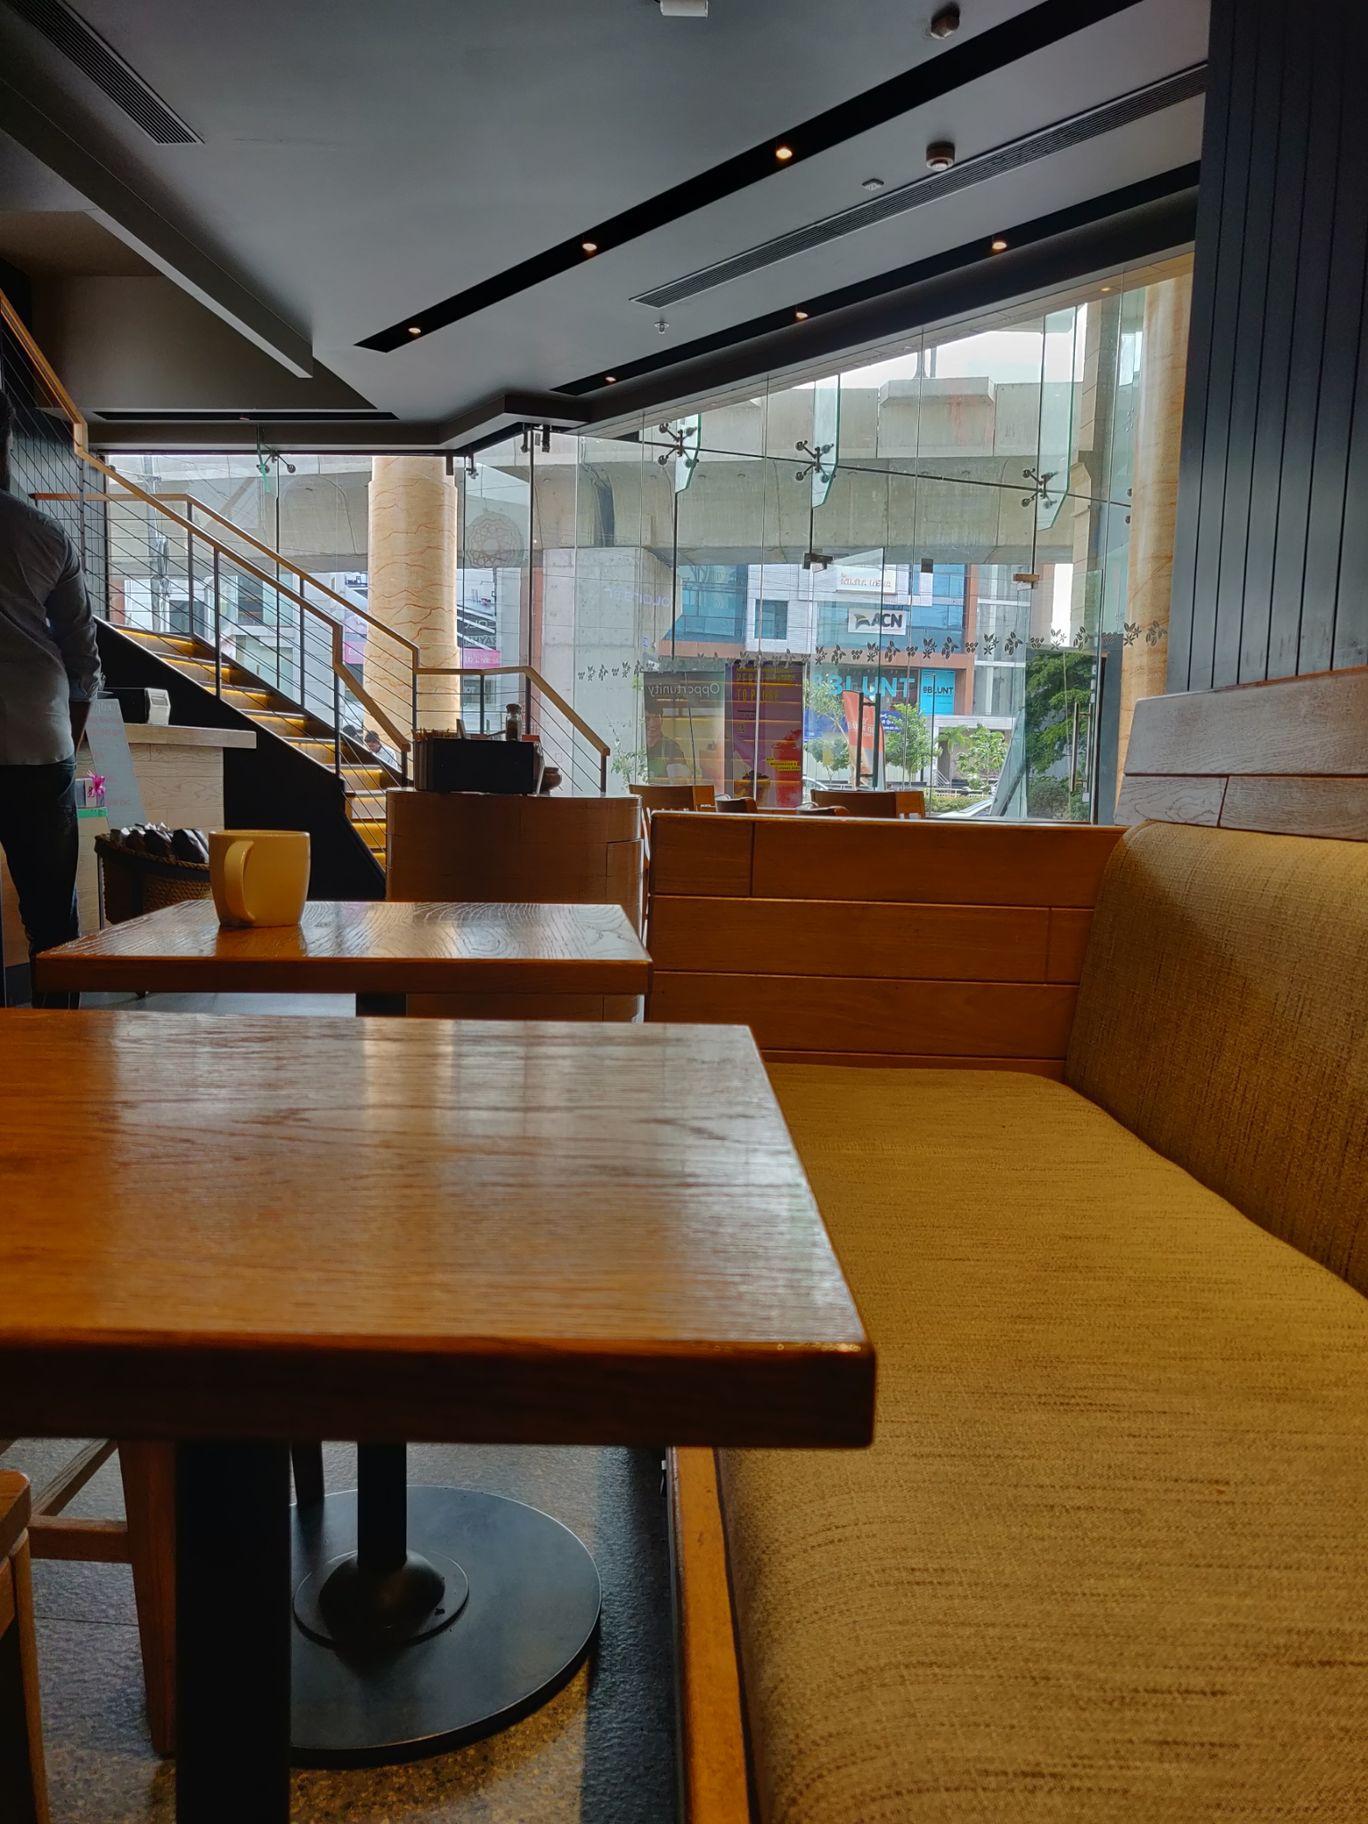 Photo of Starbucks By Manorika Yadav